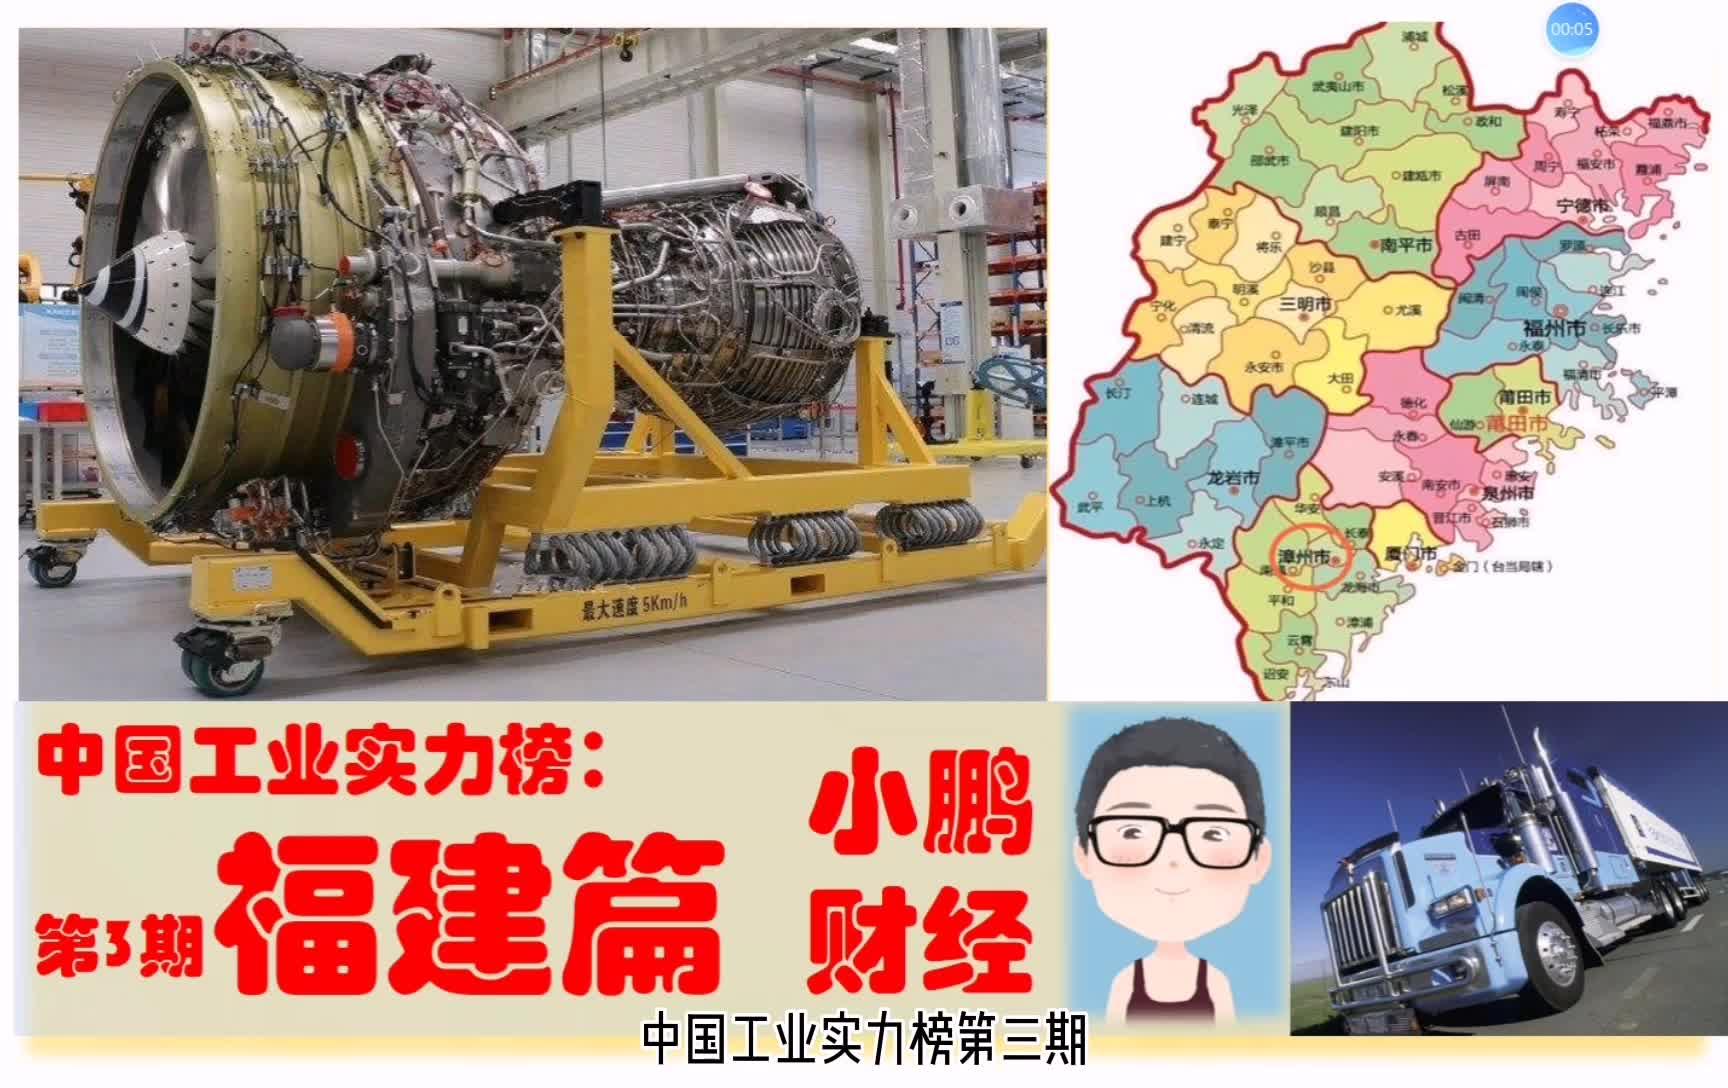 中国机械工业实力看福建,福州厦门泉州宁德漳州南平等超级制造业